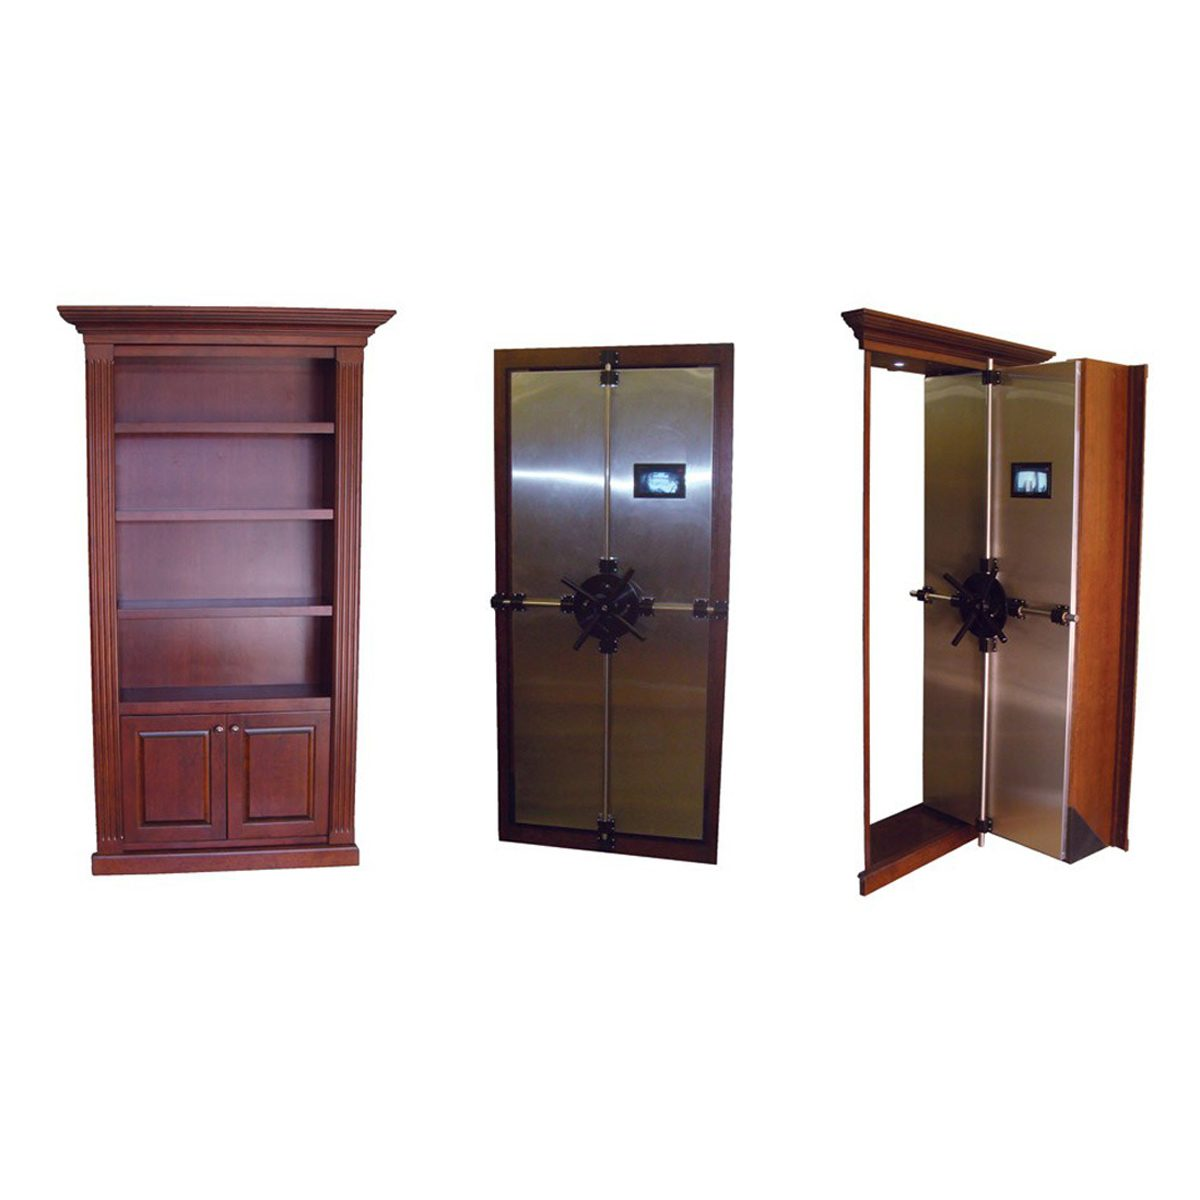 How to Hide a Door: High Security Room